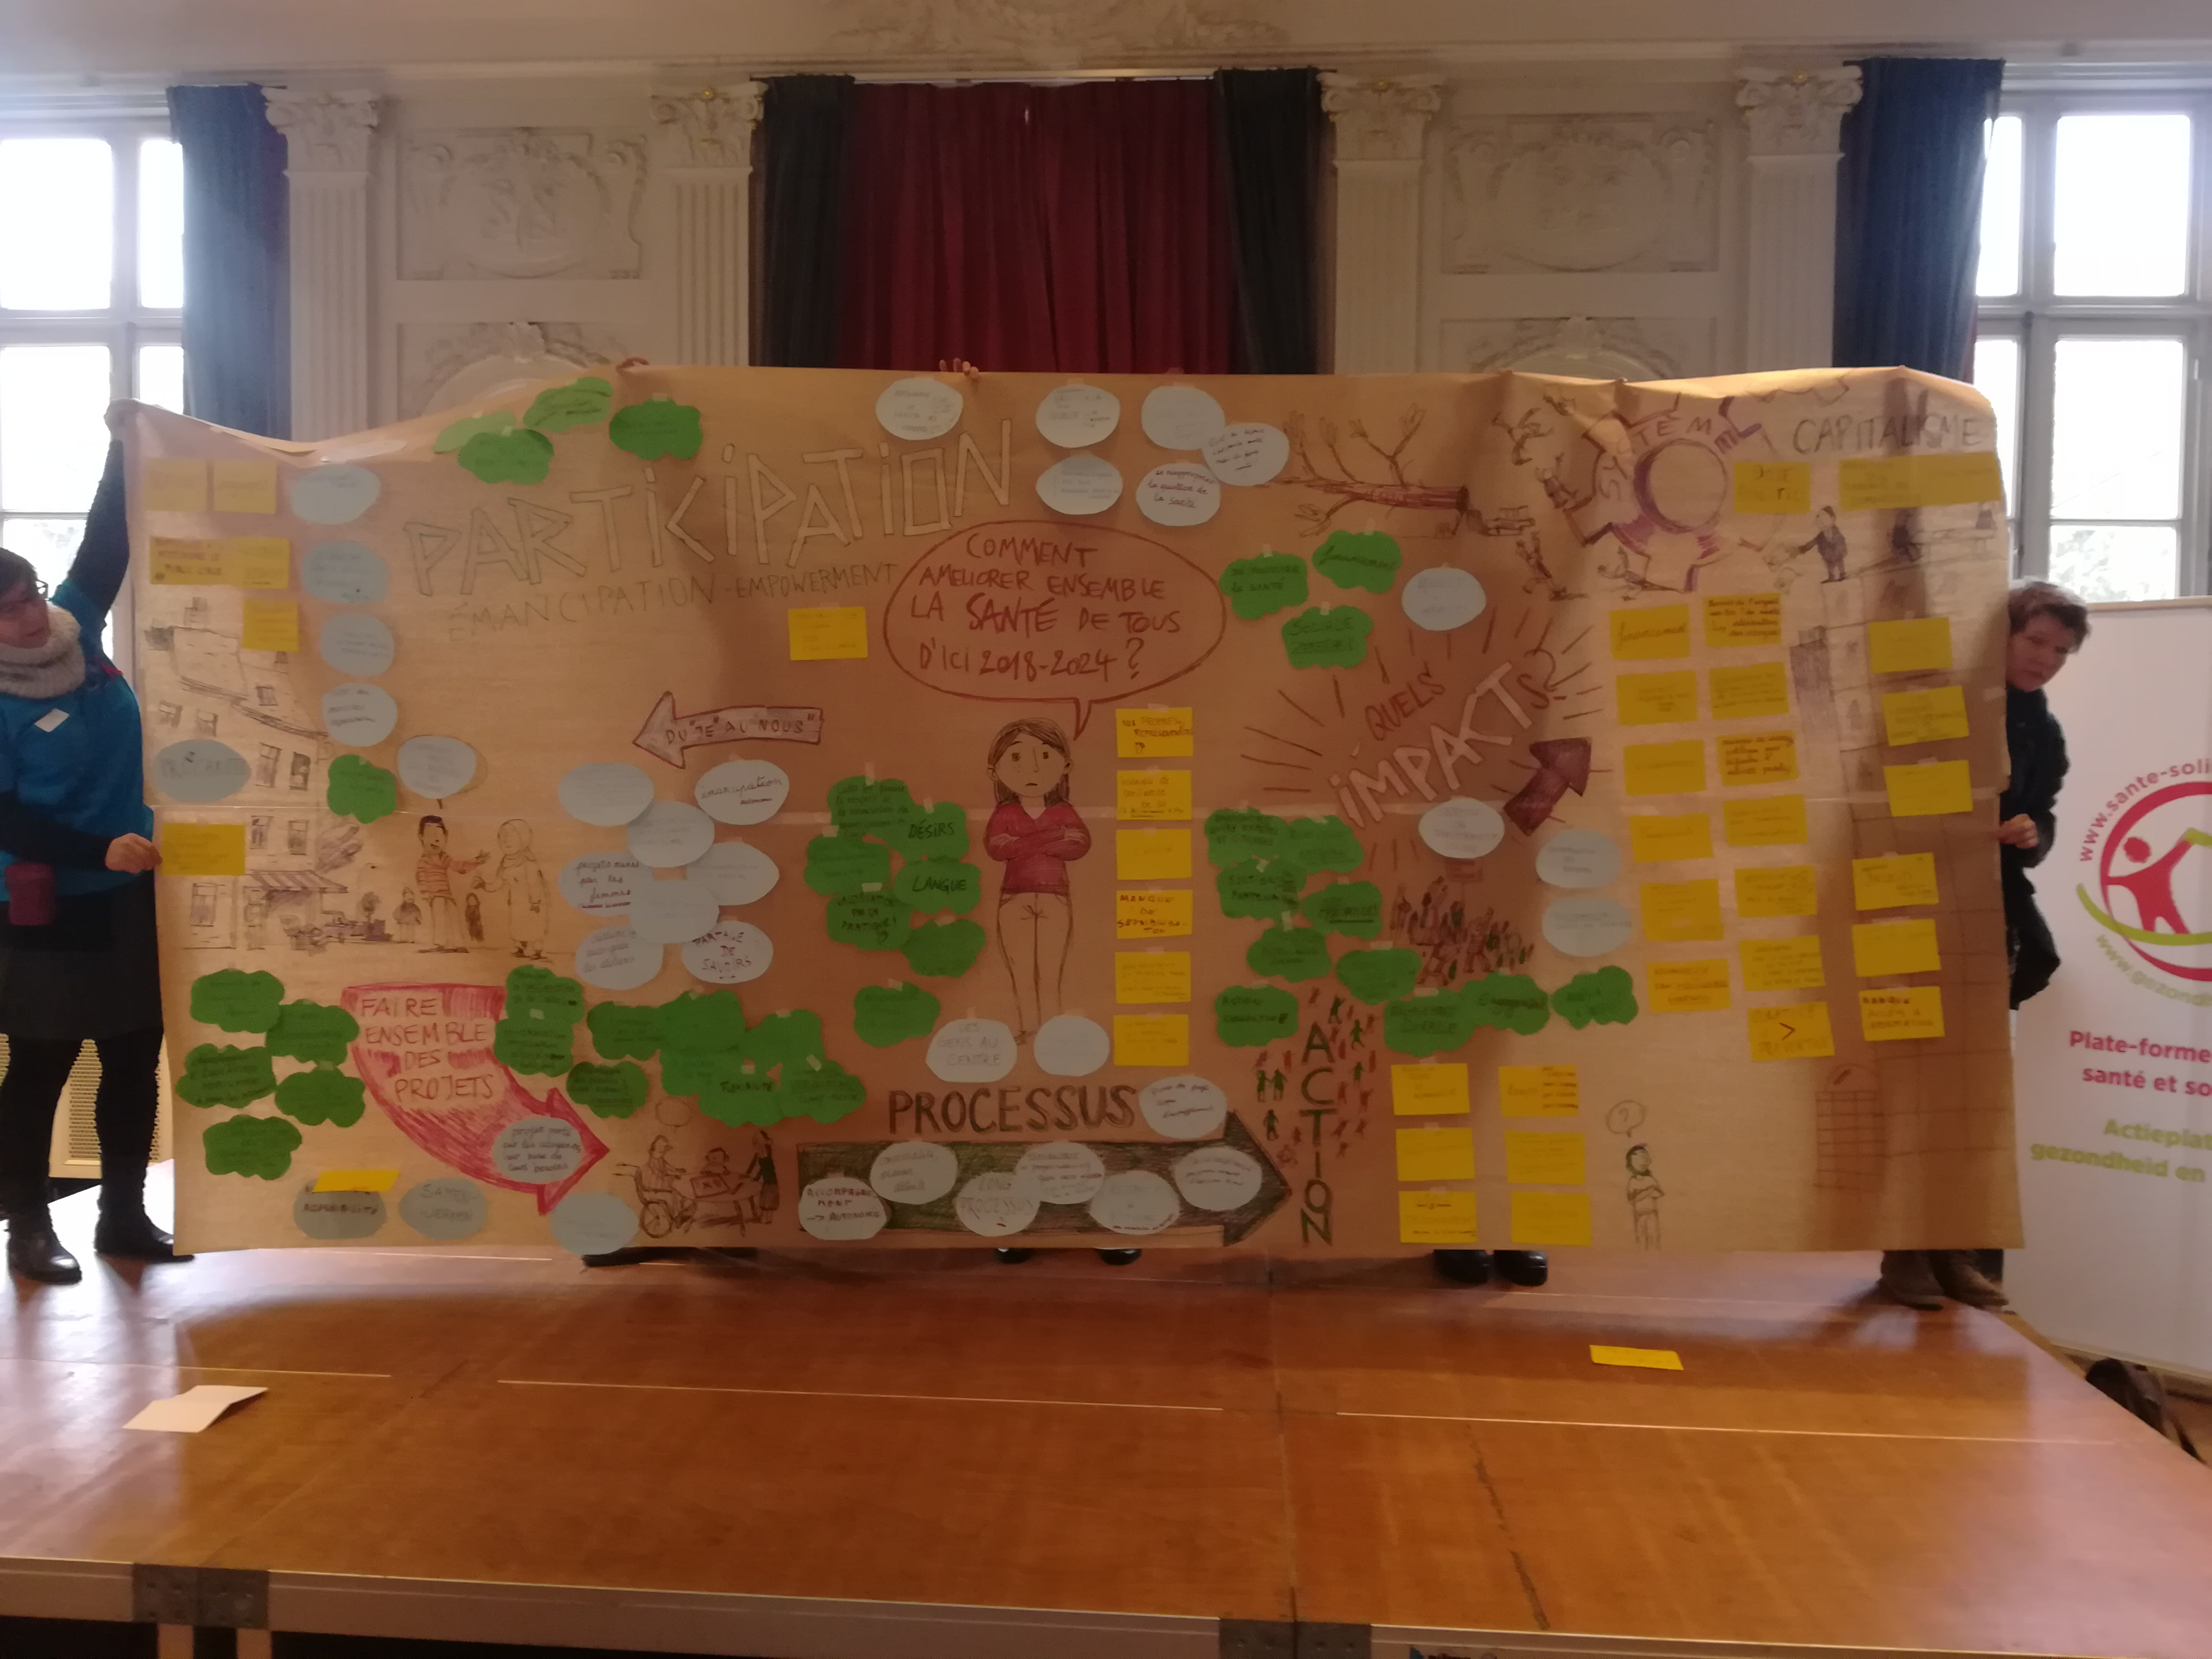 Ensemble pour la santé : résultats des ateliers : un mindmap